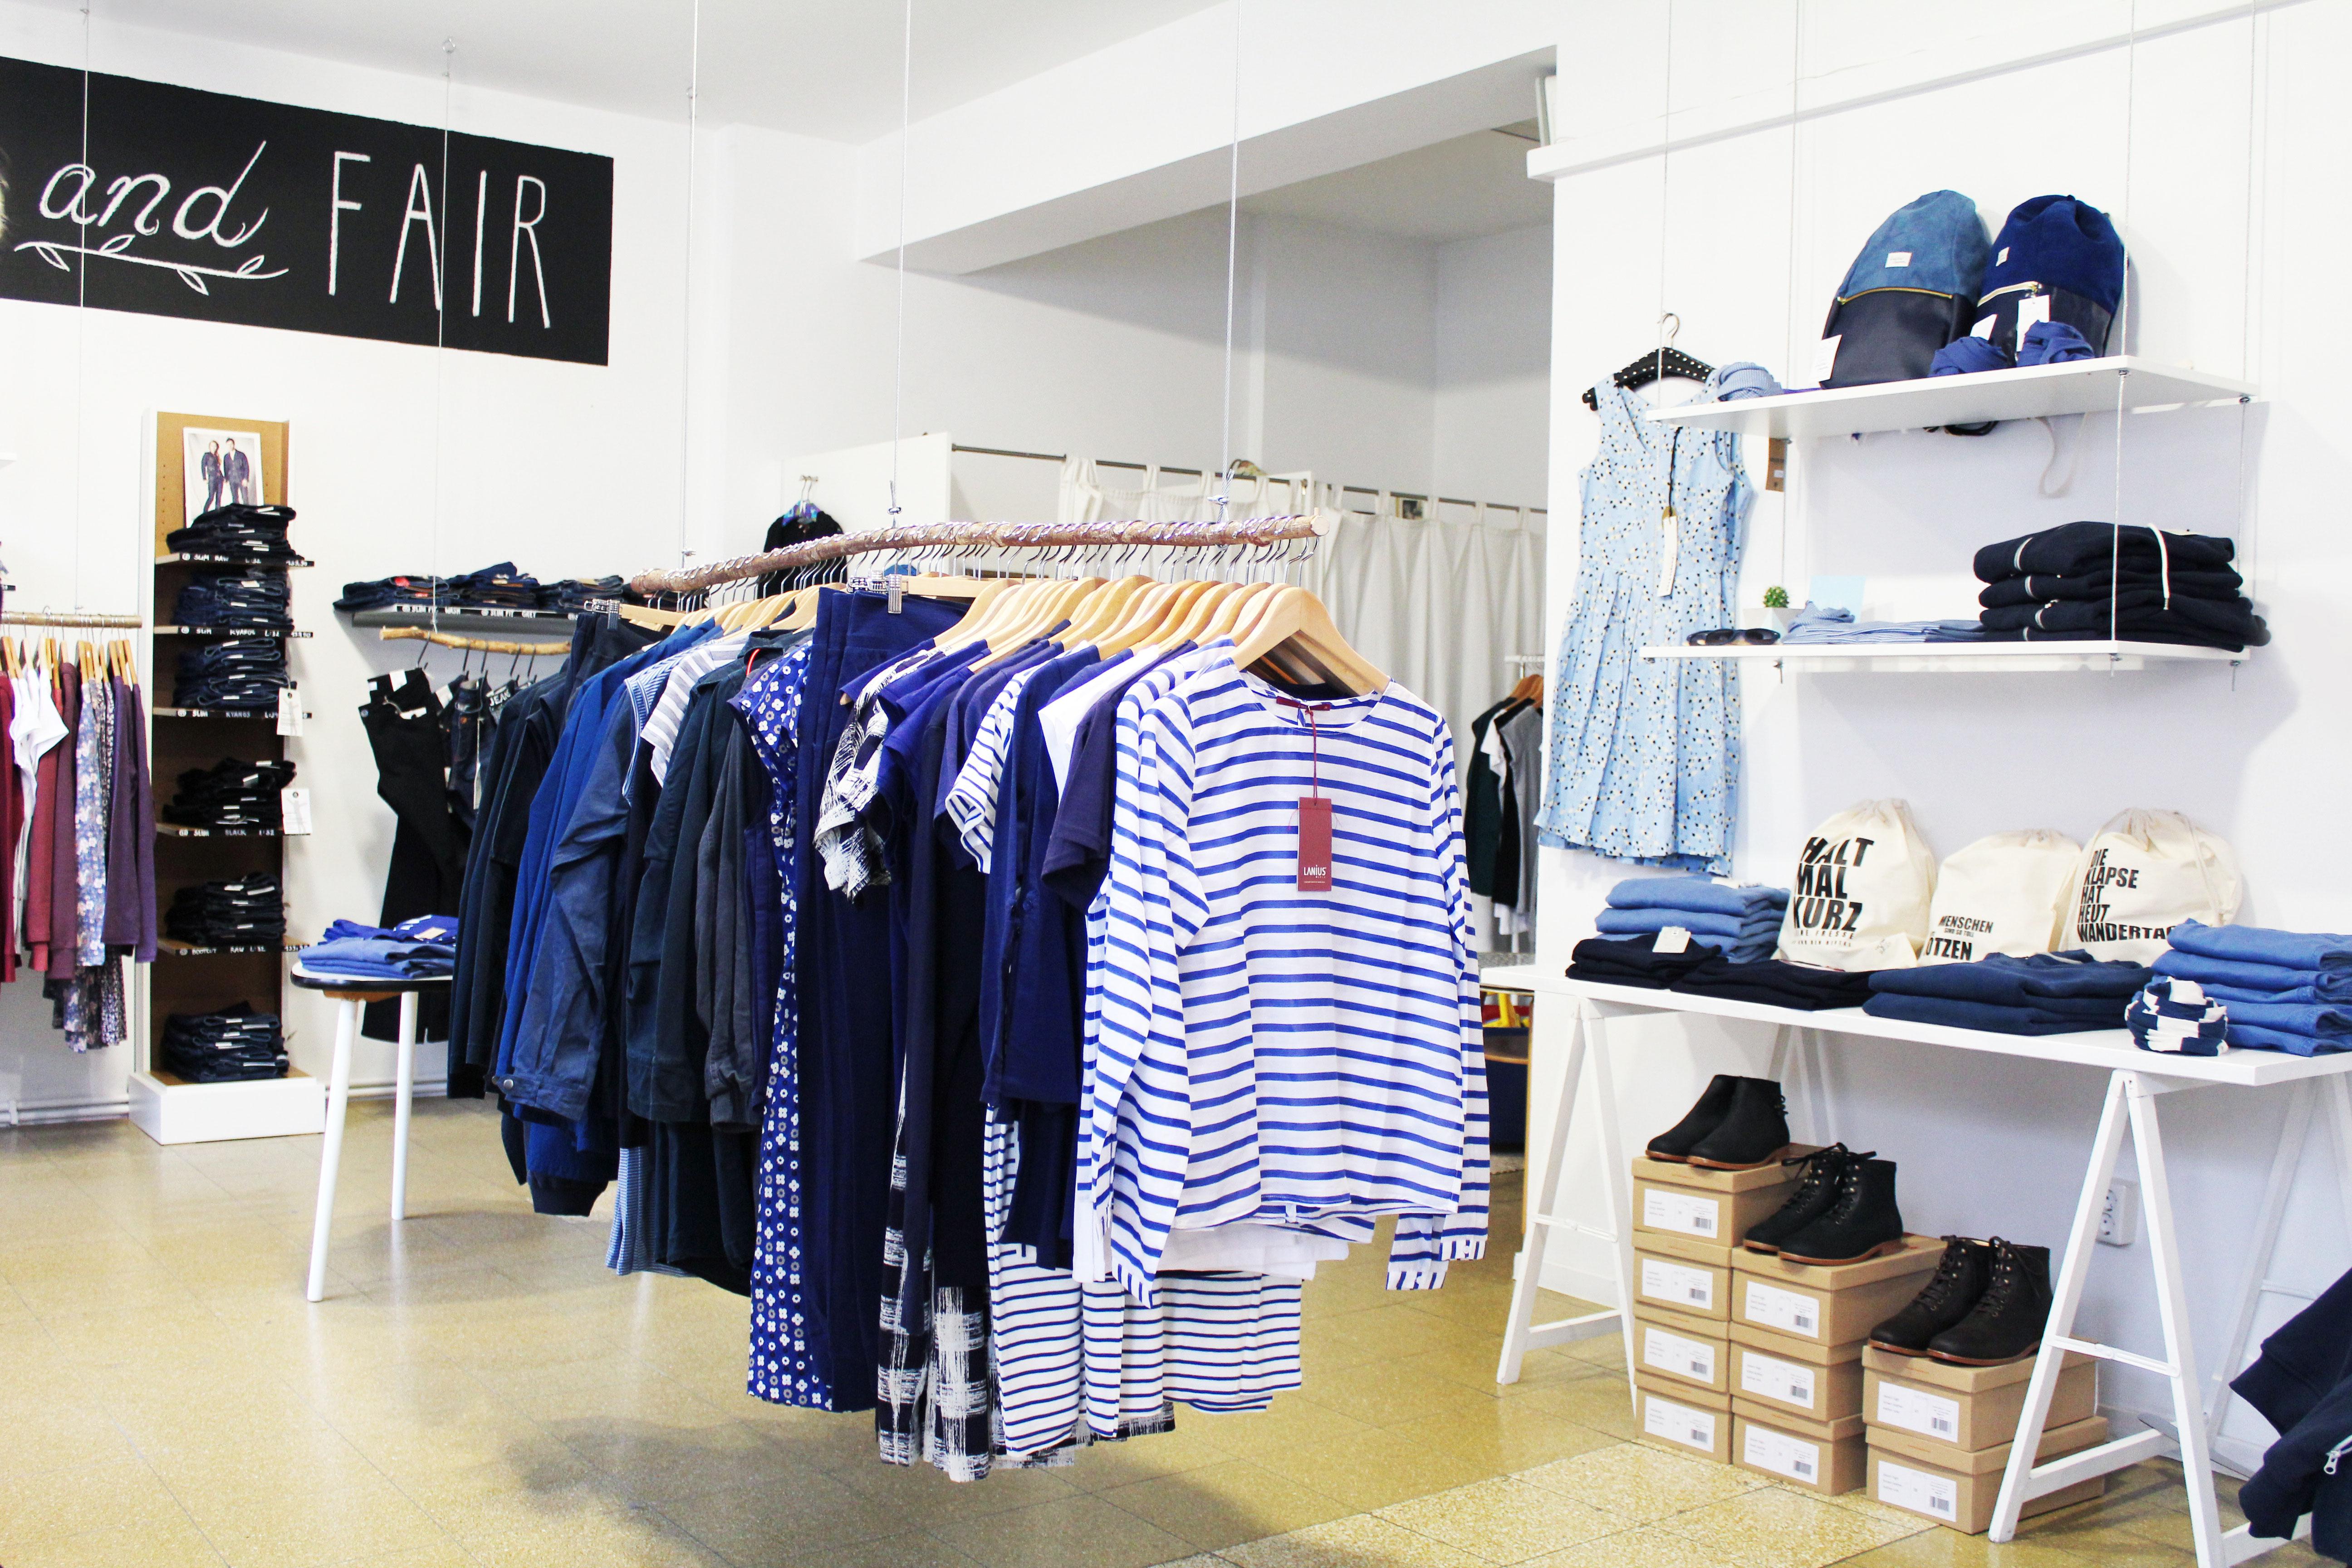 f5e068f652f1f6 Mittlerweile hat sich ein zweites Geschäft für öko-faire Kleidung in  Münster etabliert. Bei frau többen ist 80 % der Bekleidung vegan